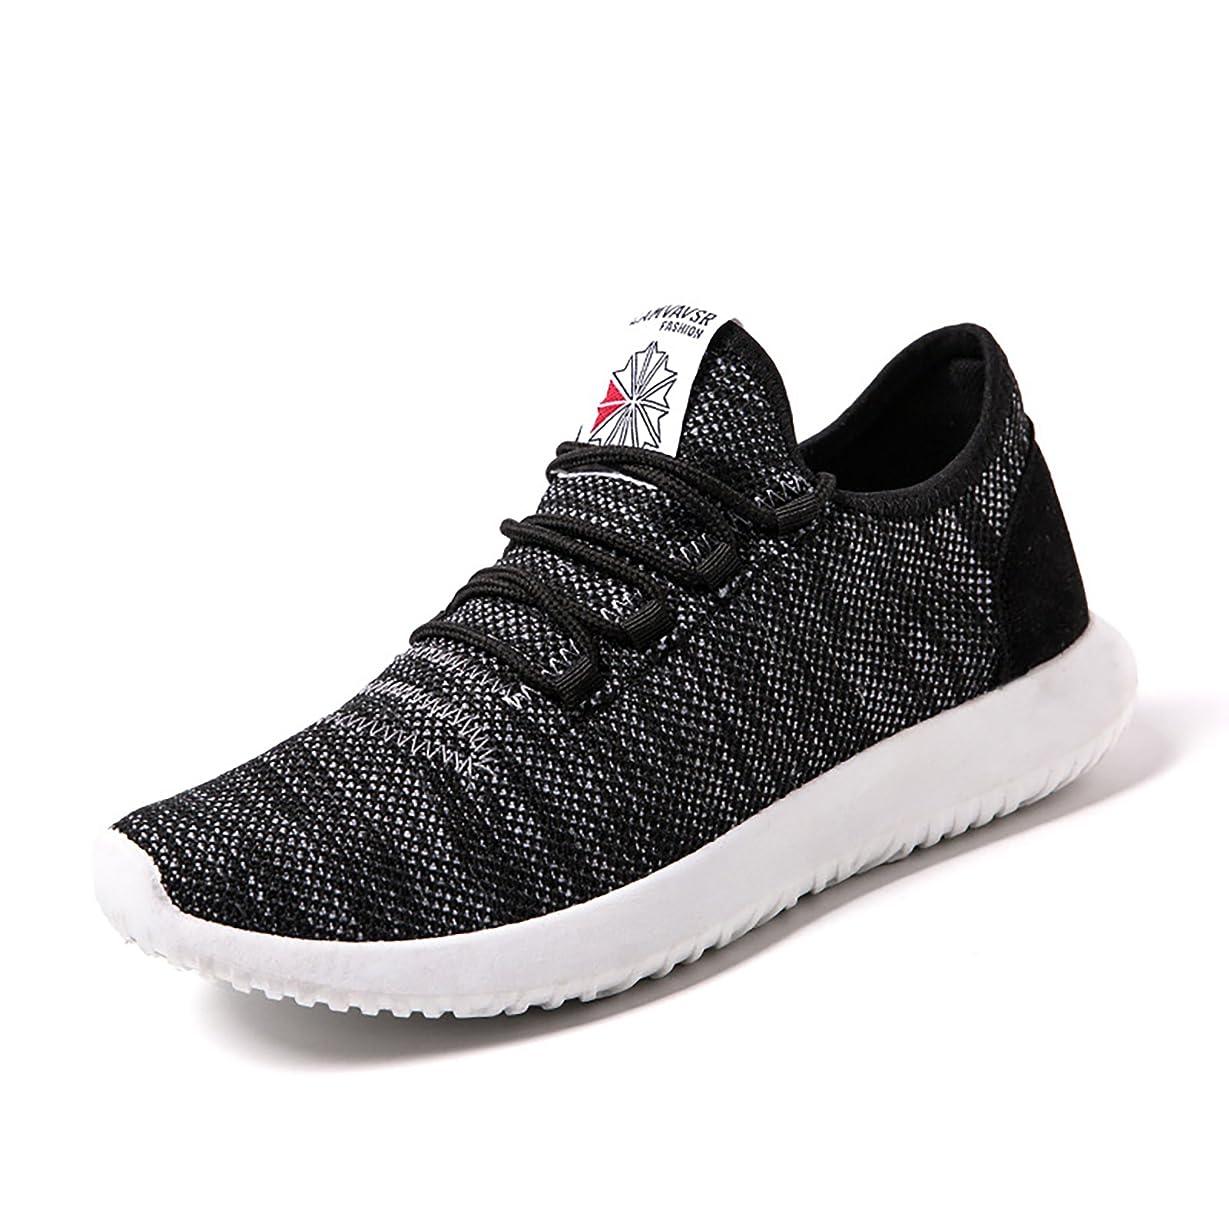 軽減毎月有罪[Make 2 Be] メンズ アッパーニット スニーカー フィット 軽量 靴 シューズ 通気性 ランニング ジョギング ウォーキング アウトドア MF55